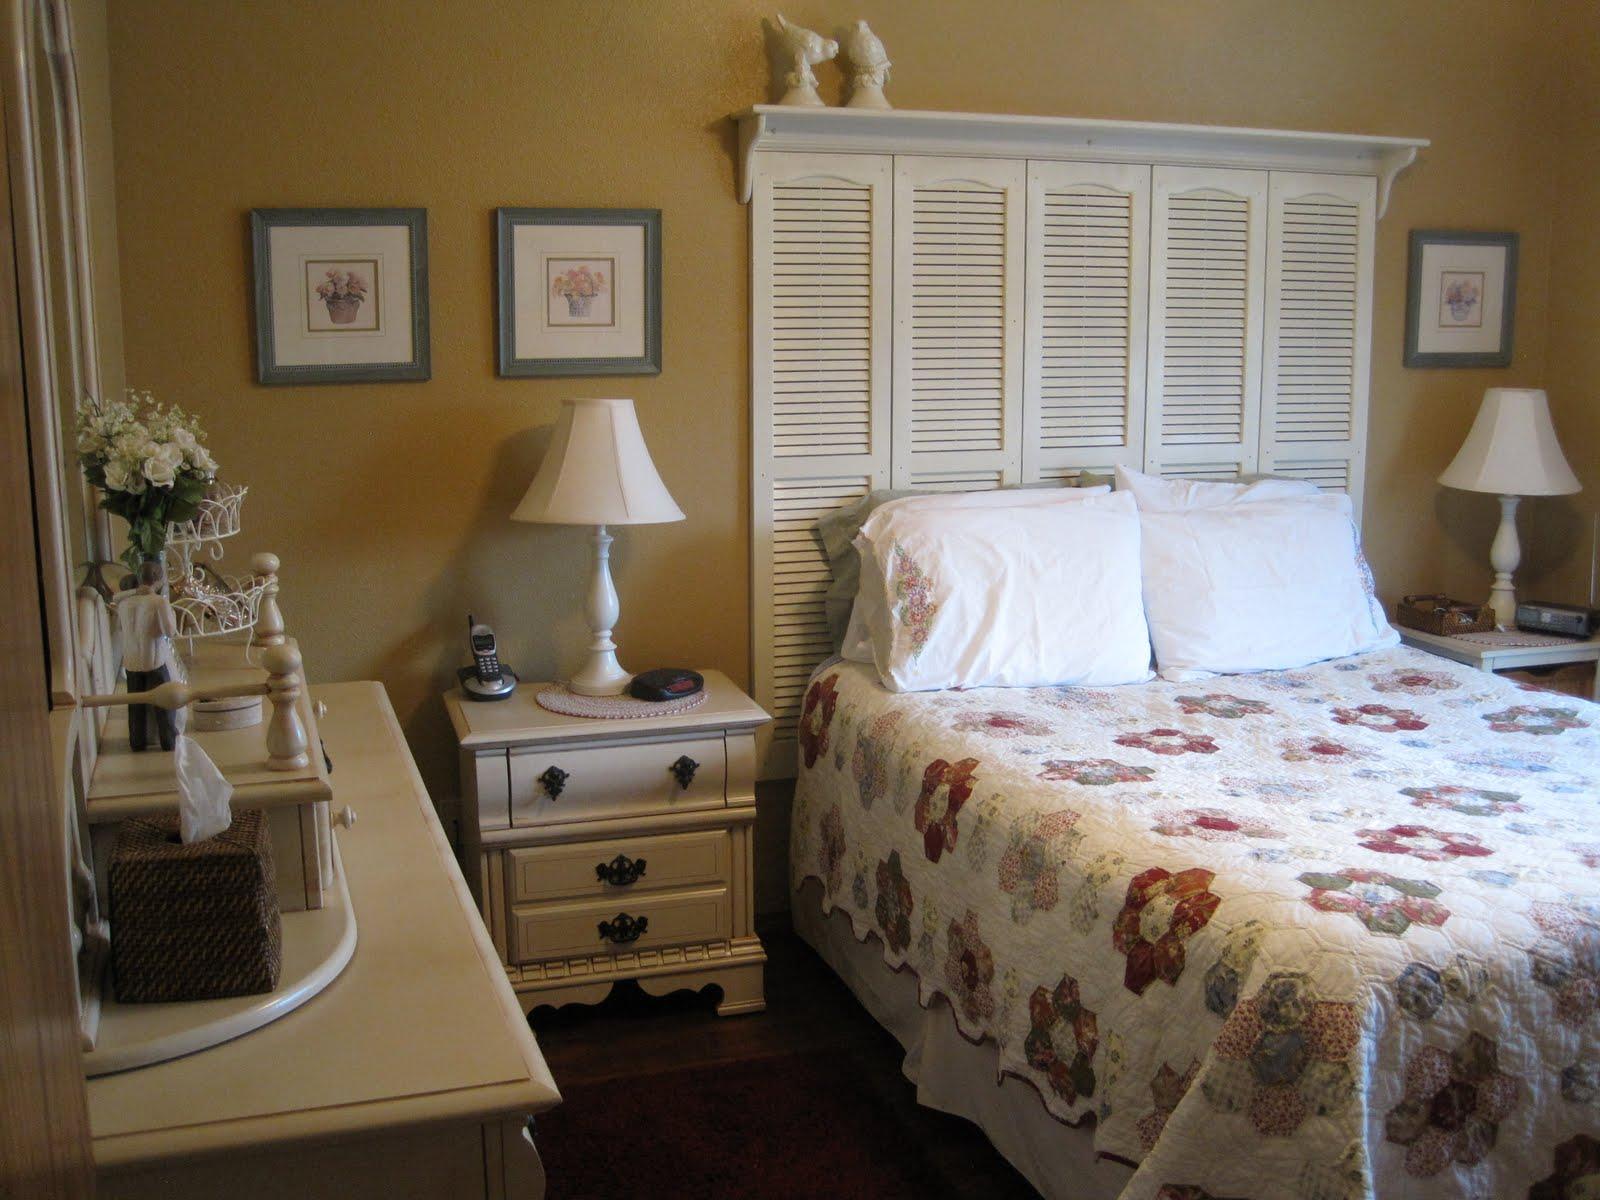 Boiserie c testate da letto fai da te diy splendide idee di riciclo - Testate letto con cuscini ...